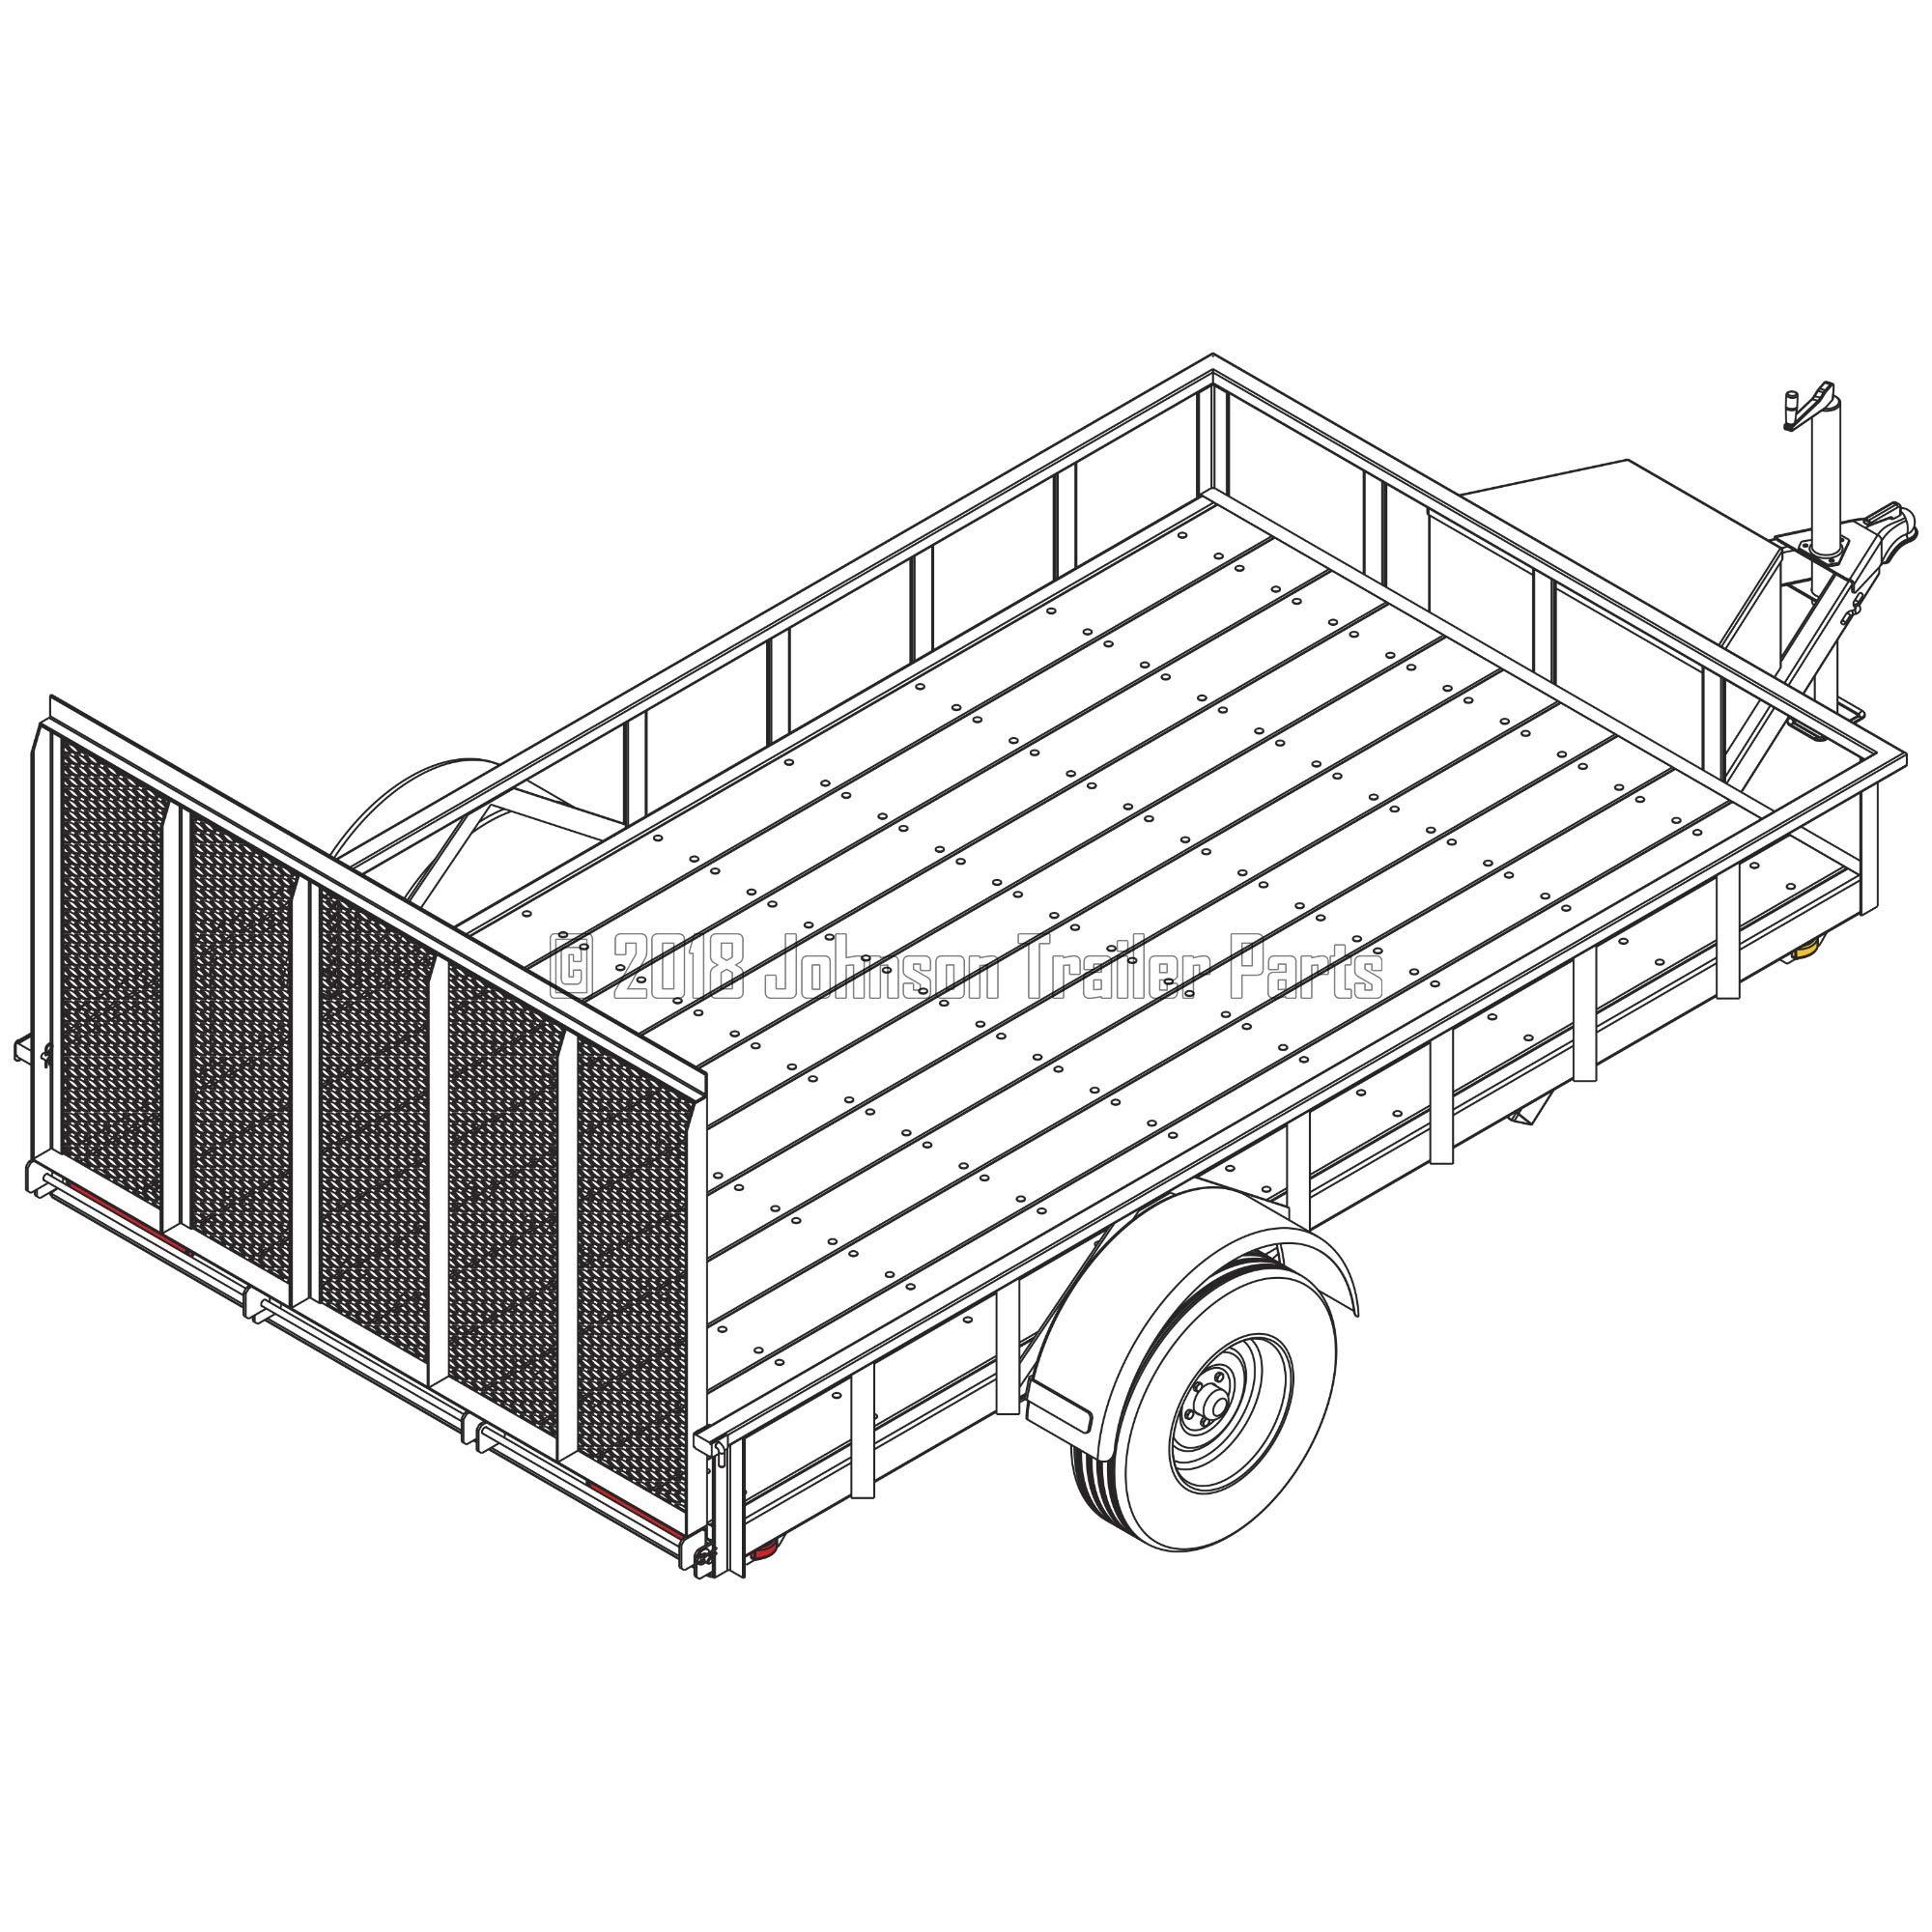 6′ 10'' x 12′ Utility Trailer Plans - 5,200 lb Capacity | Trailer Blueprints Model U82-144-52J by Johnson Trailer Parts